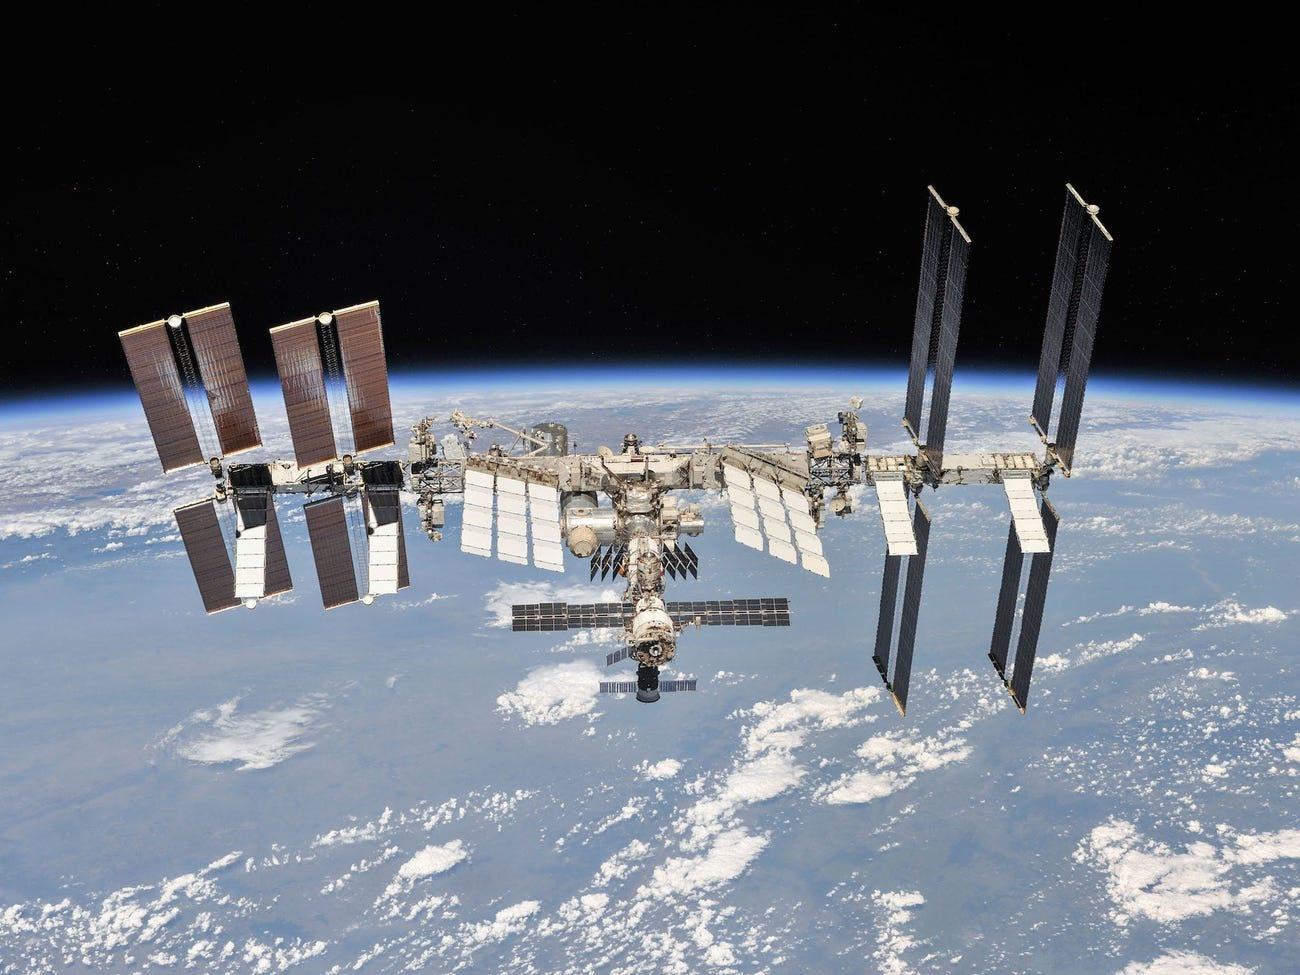 Trạm vũ trụ này đang bắt đầu có dấu hiệu xuống cấp như nhà vệ sinh bị hỏng và rò rỉ không khí. Ảnh: NASA